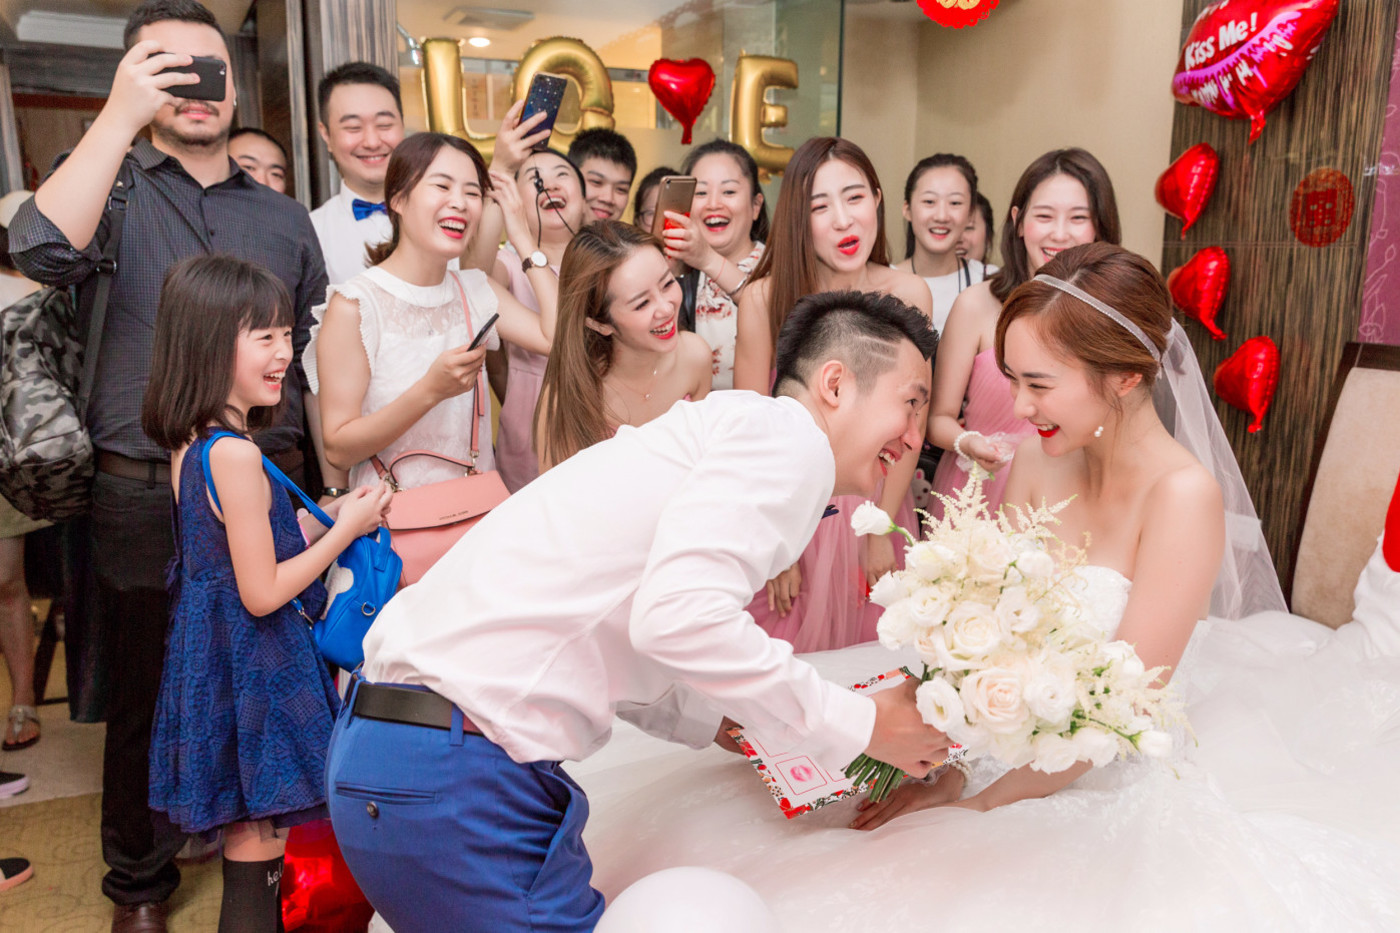 大美女的婚礼10